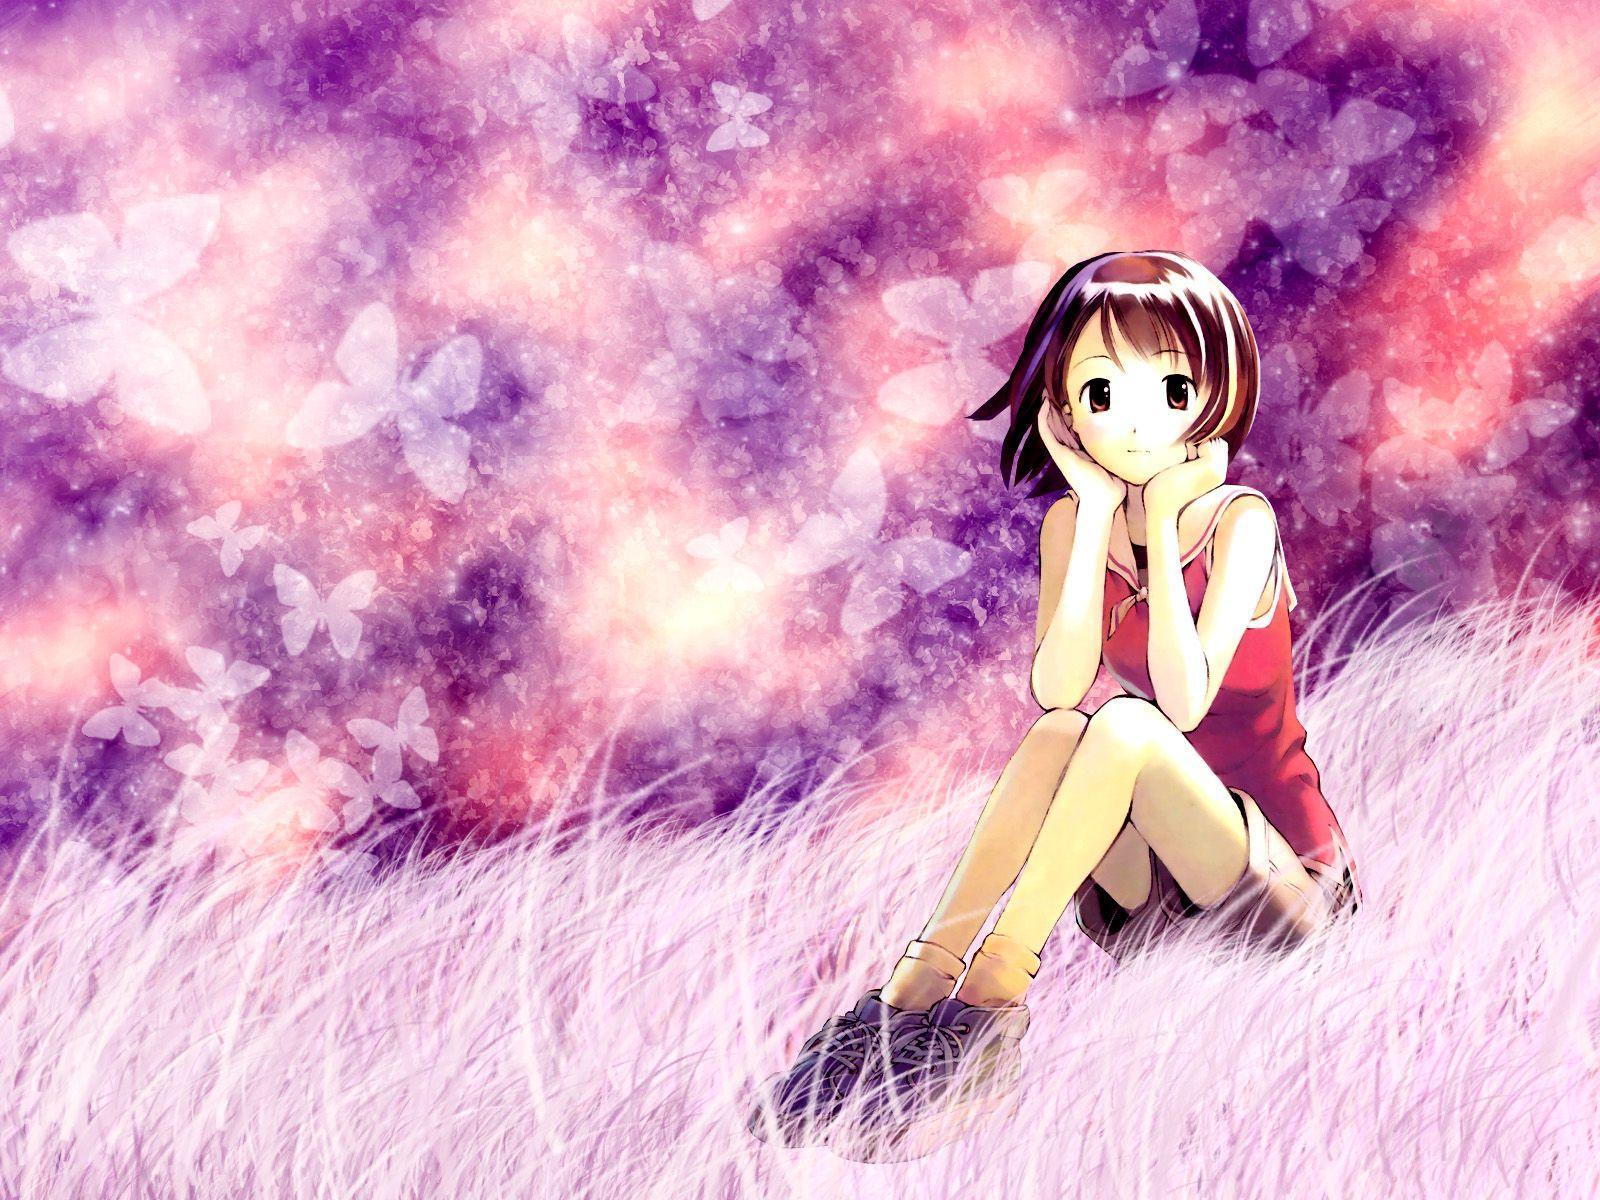 Kawaii Anime Girl Wallpapers Top Free Kawaii Anime Girl Backgrounds Wallpaperaccess